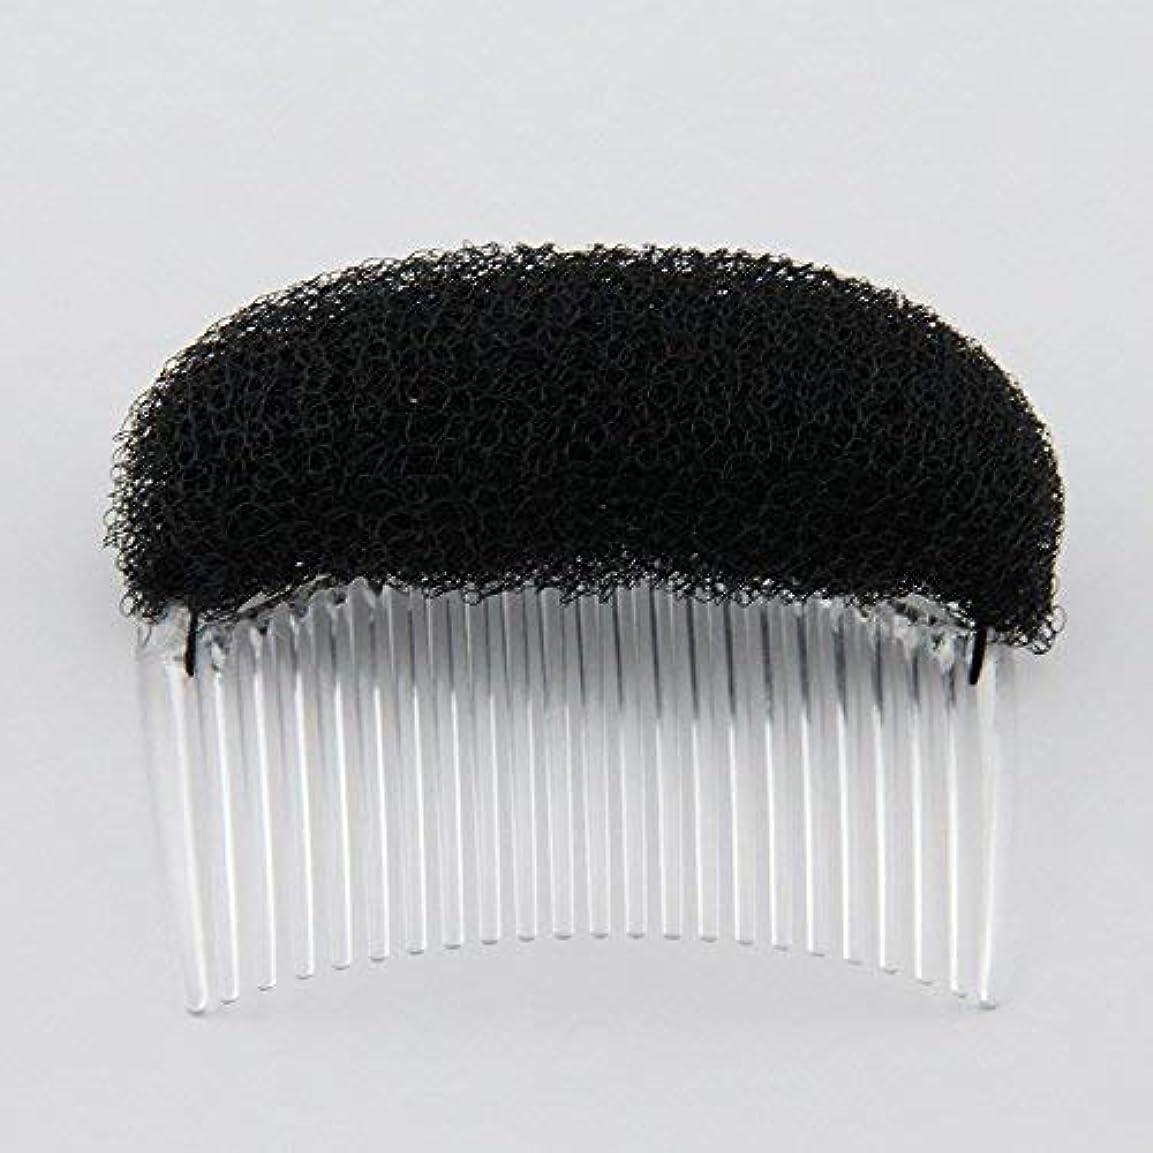 いつか計器ジョガー1PC Charming BUMP IT UP Volume Inserts Do Beehive hair styler Insert Tool Hair Comb Black/Brown colors for choose...